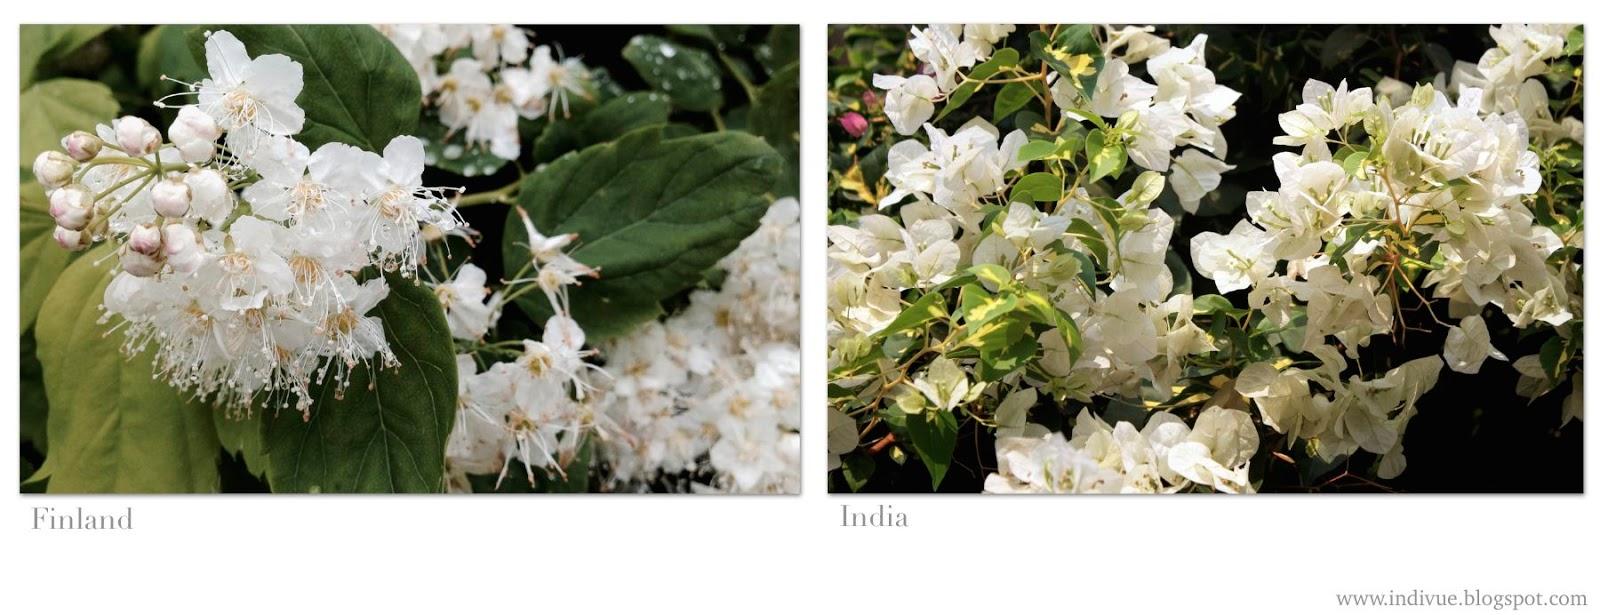 Valkoisia suomalaisia ja intialaisia kukkia